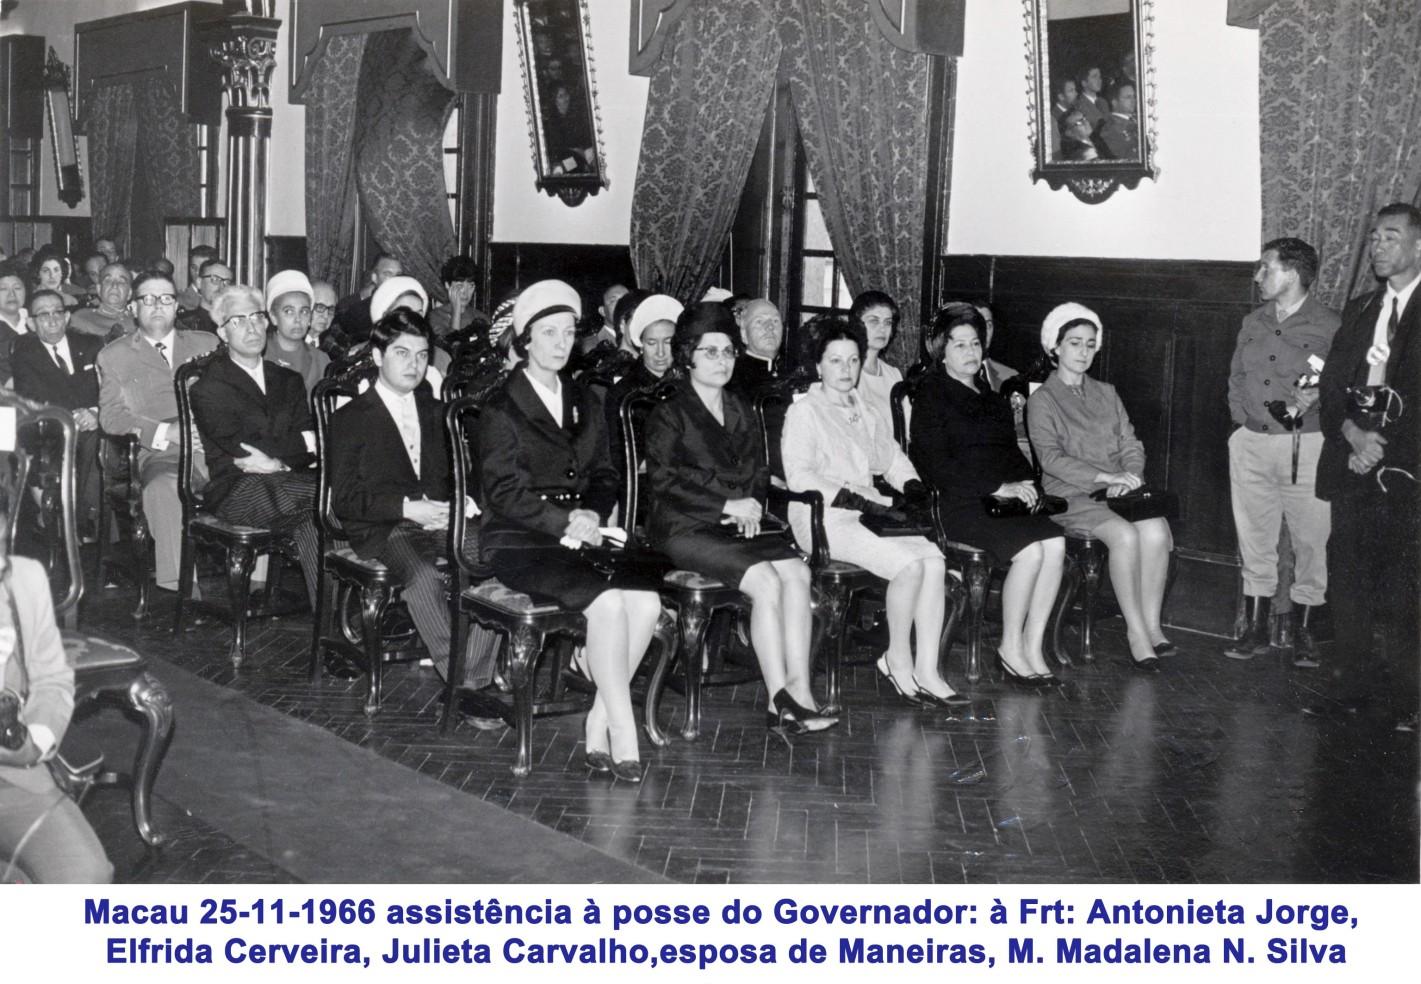 057 66-11-25 assistência à posse do Governador